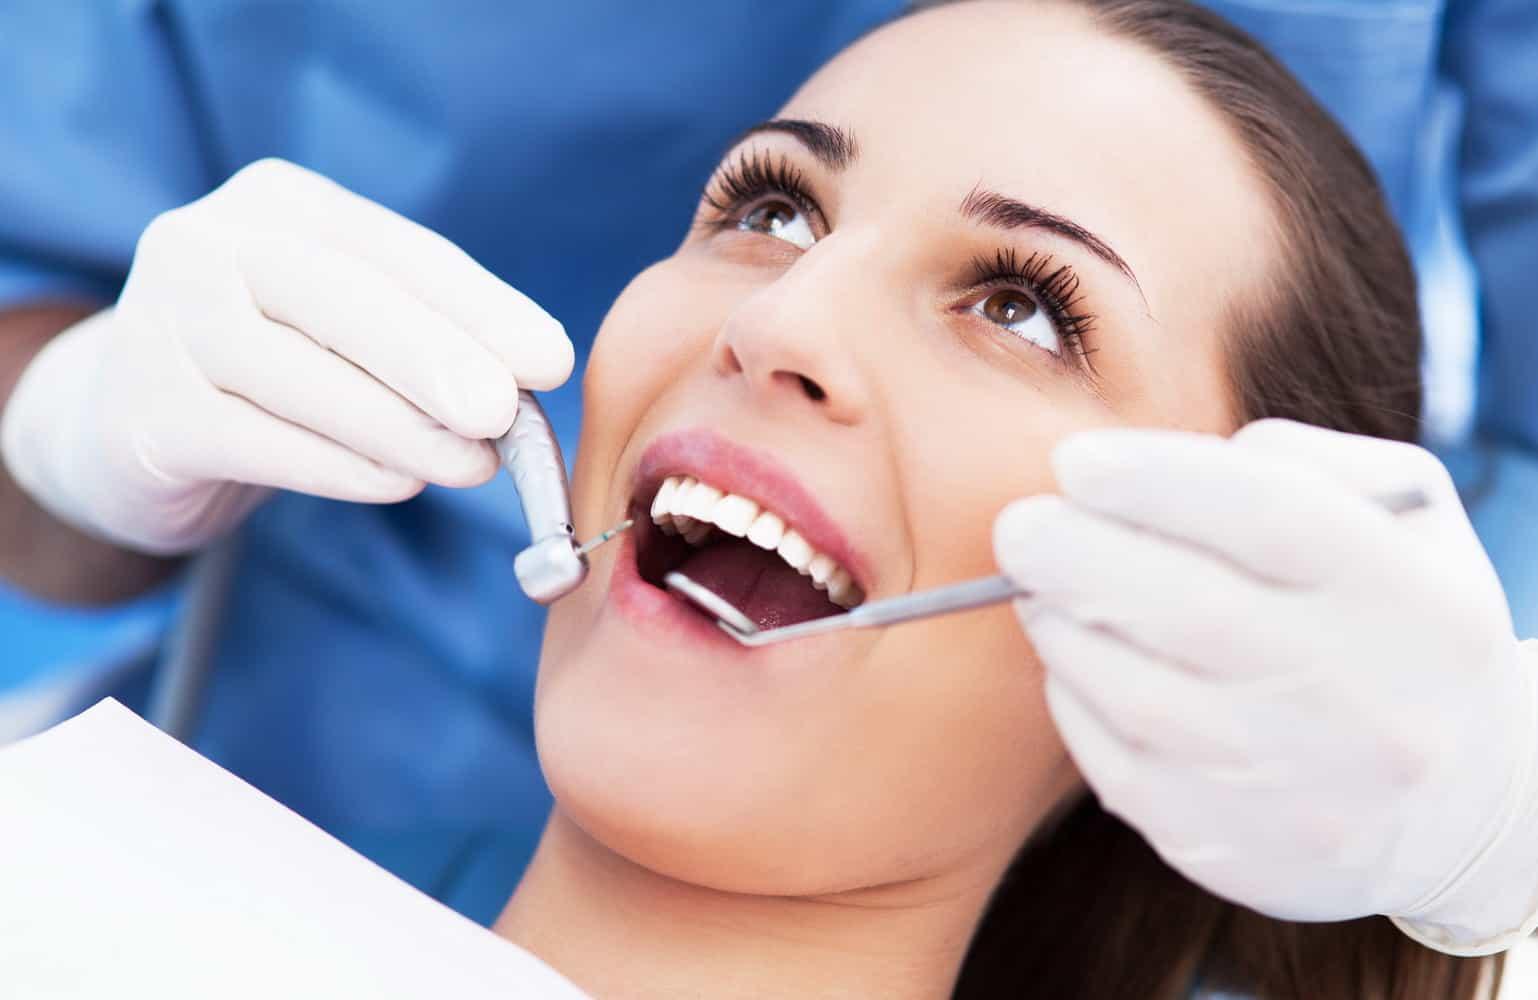 Ha szívesen dolgoznál az egészségügyben, akkor válaszd a Klinikai fogászati higienikus OKJ-s tanfolyamot!